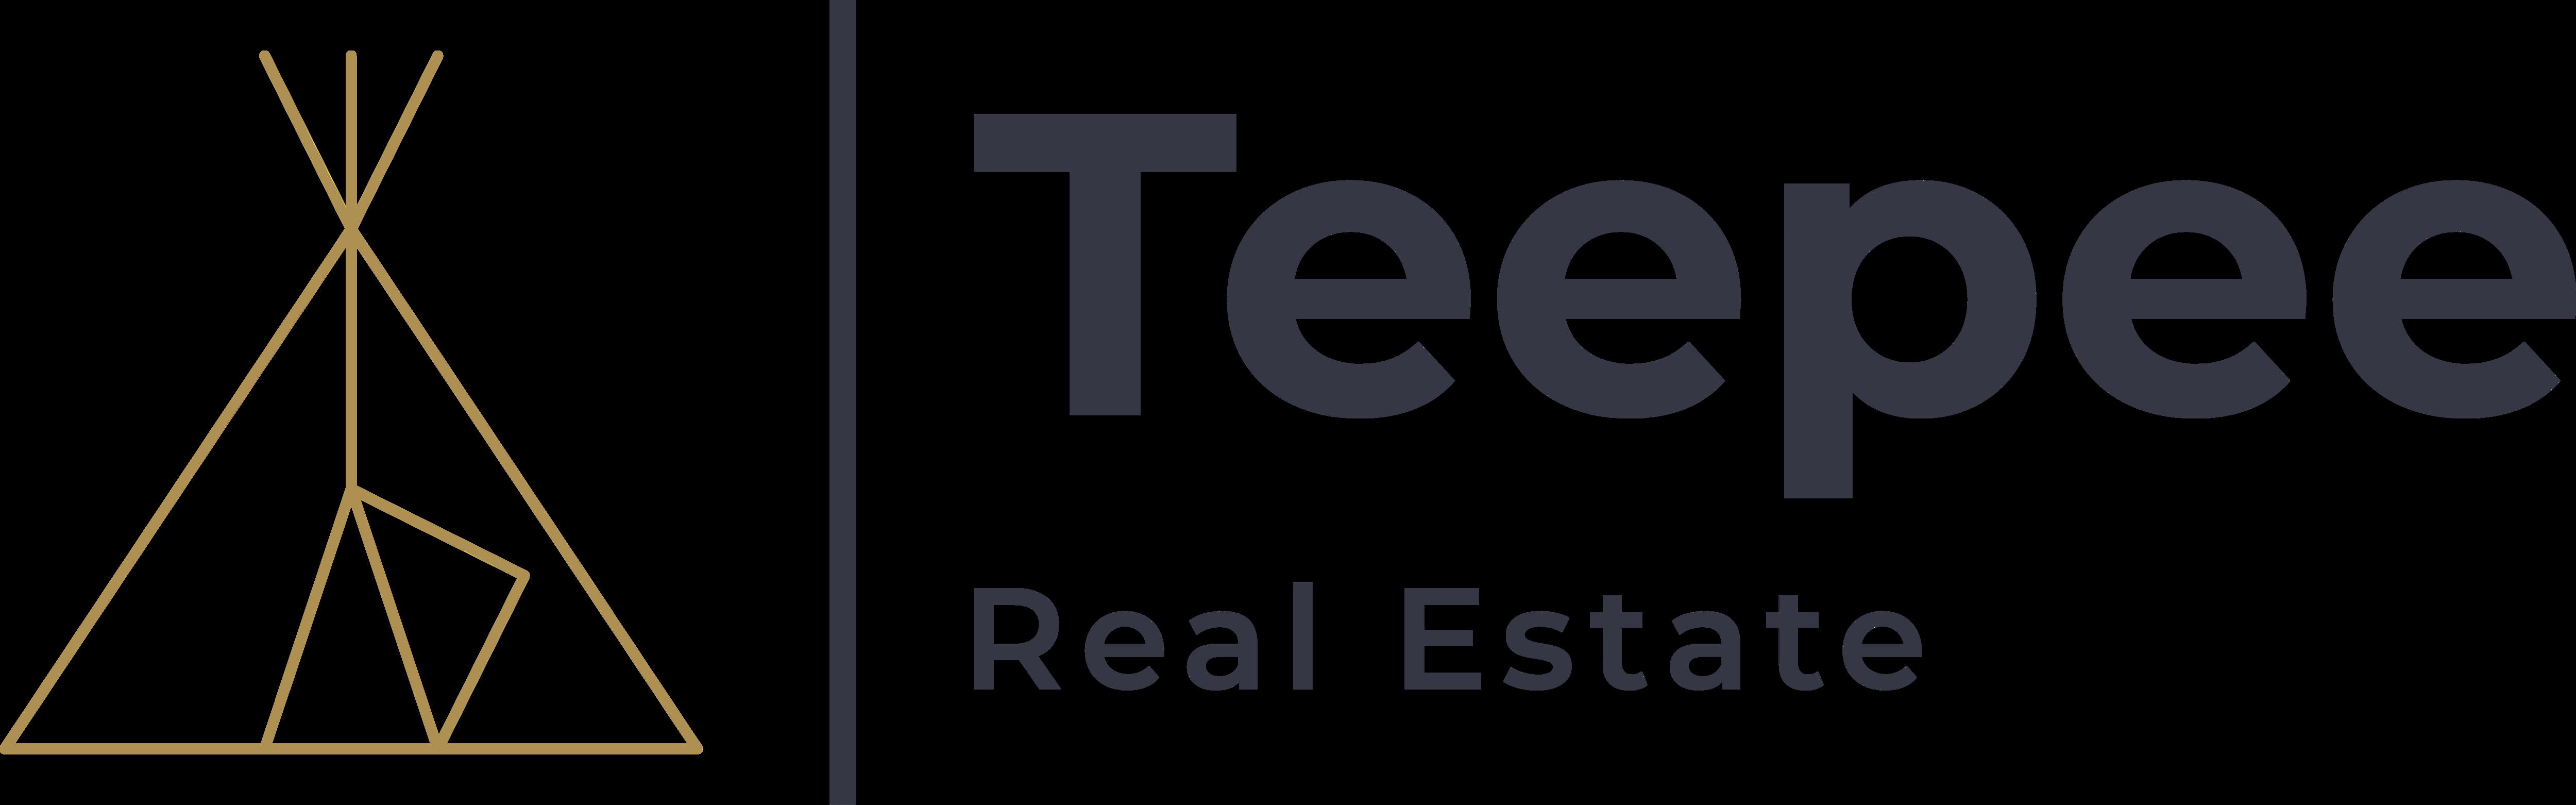 Teepee Real Estate